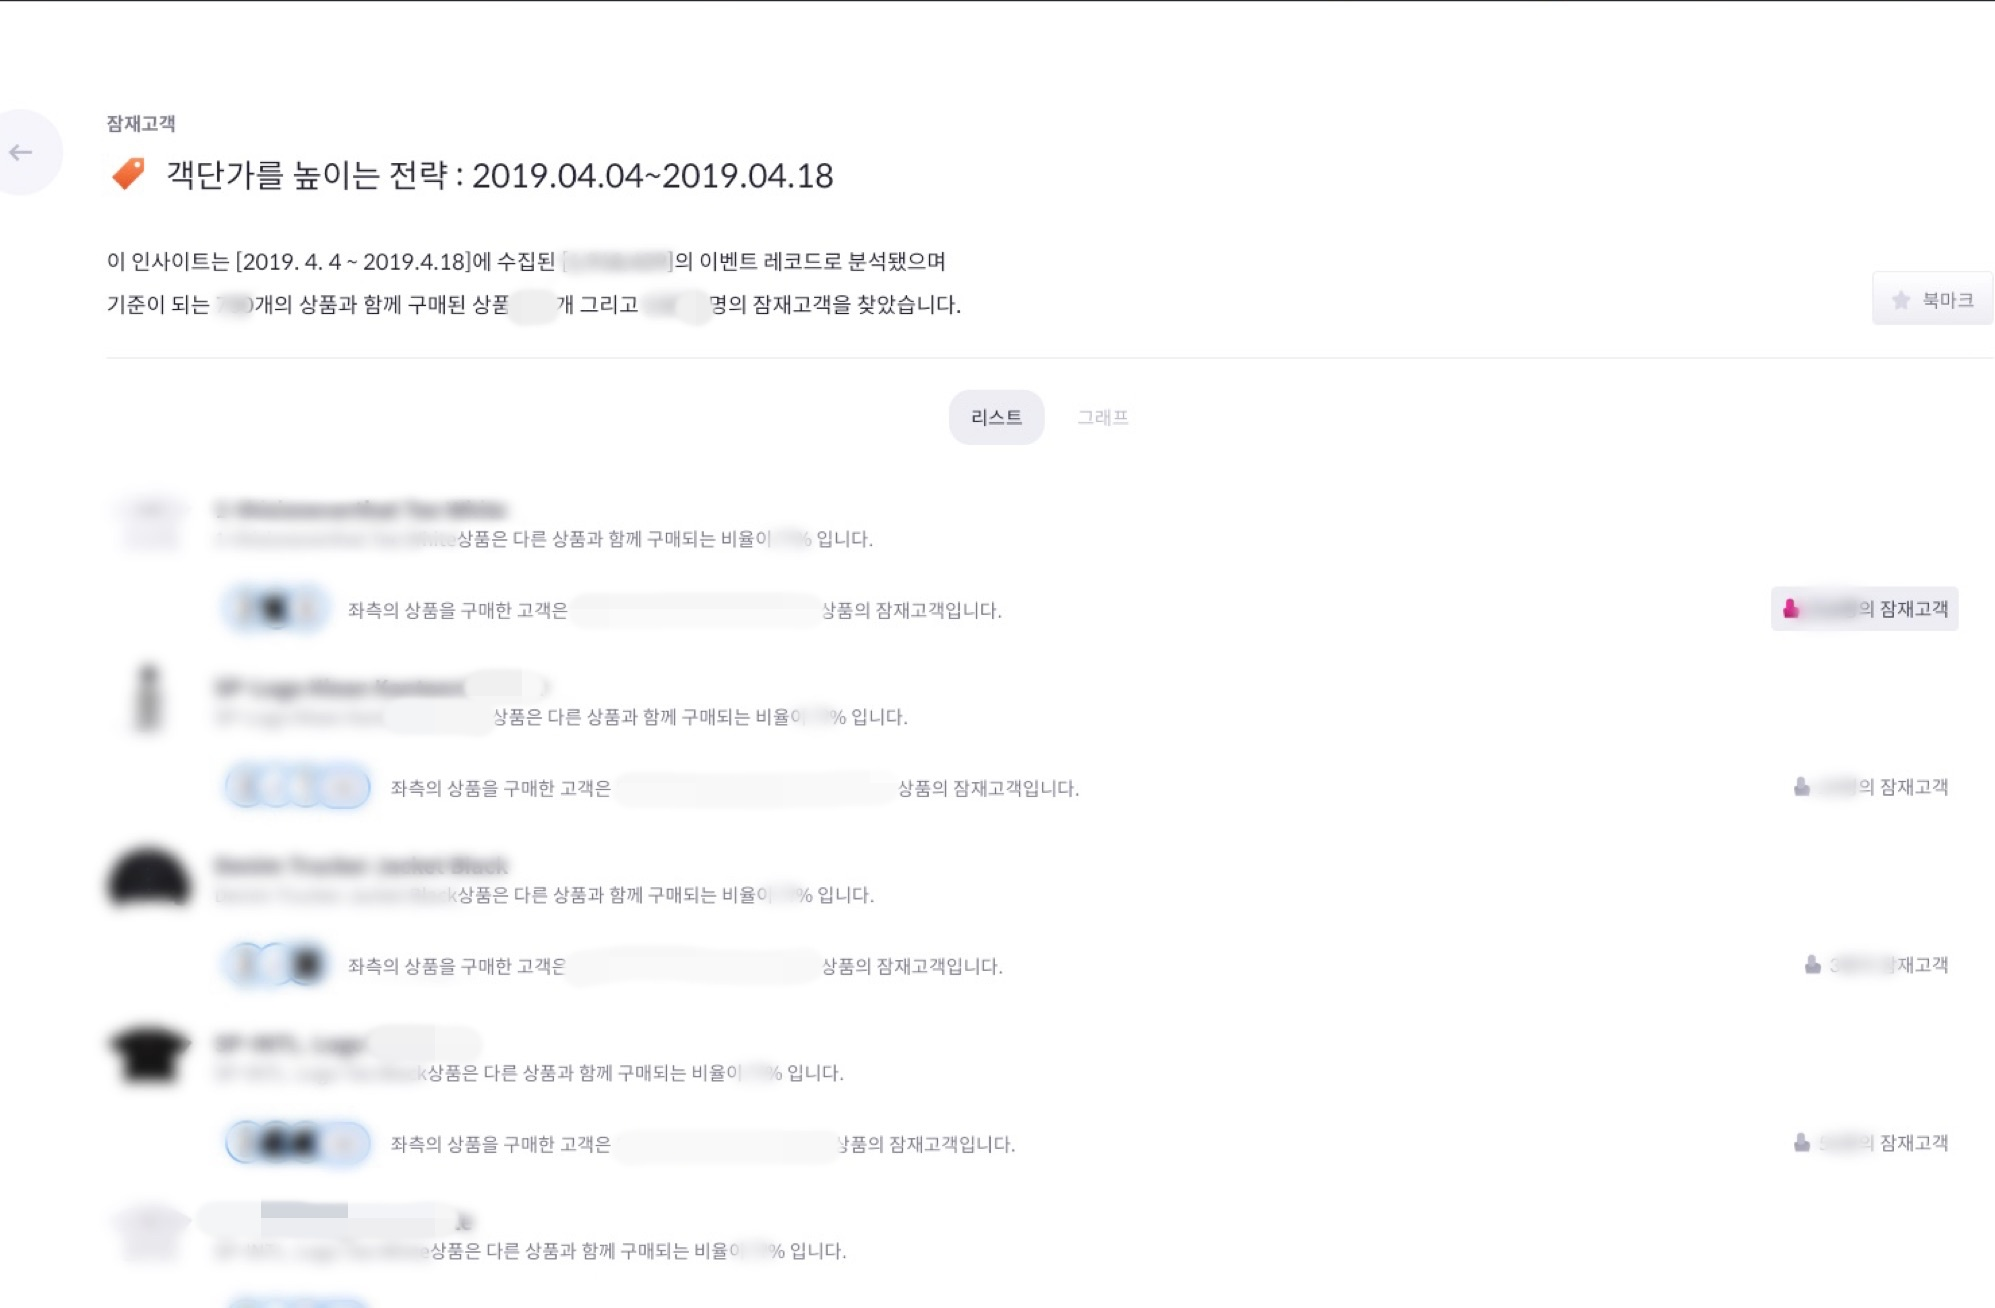 bigin 애널리틱스의 자동화 보고서 추출 결과 화면